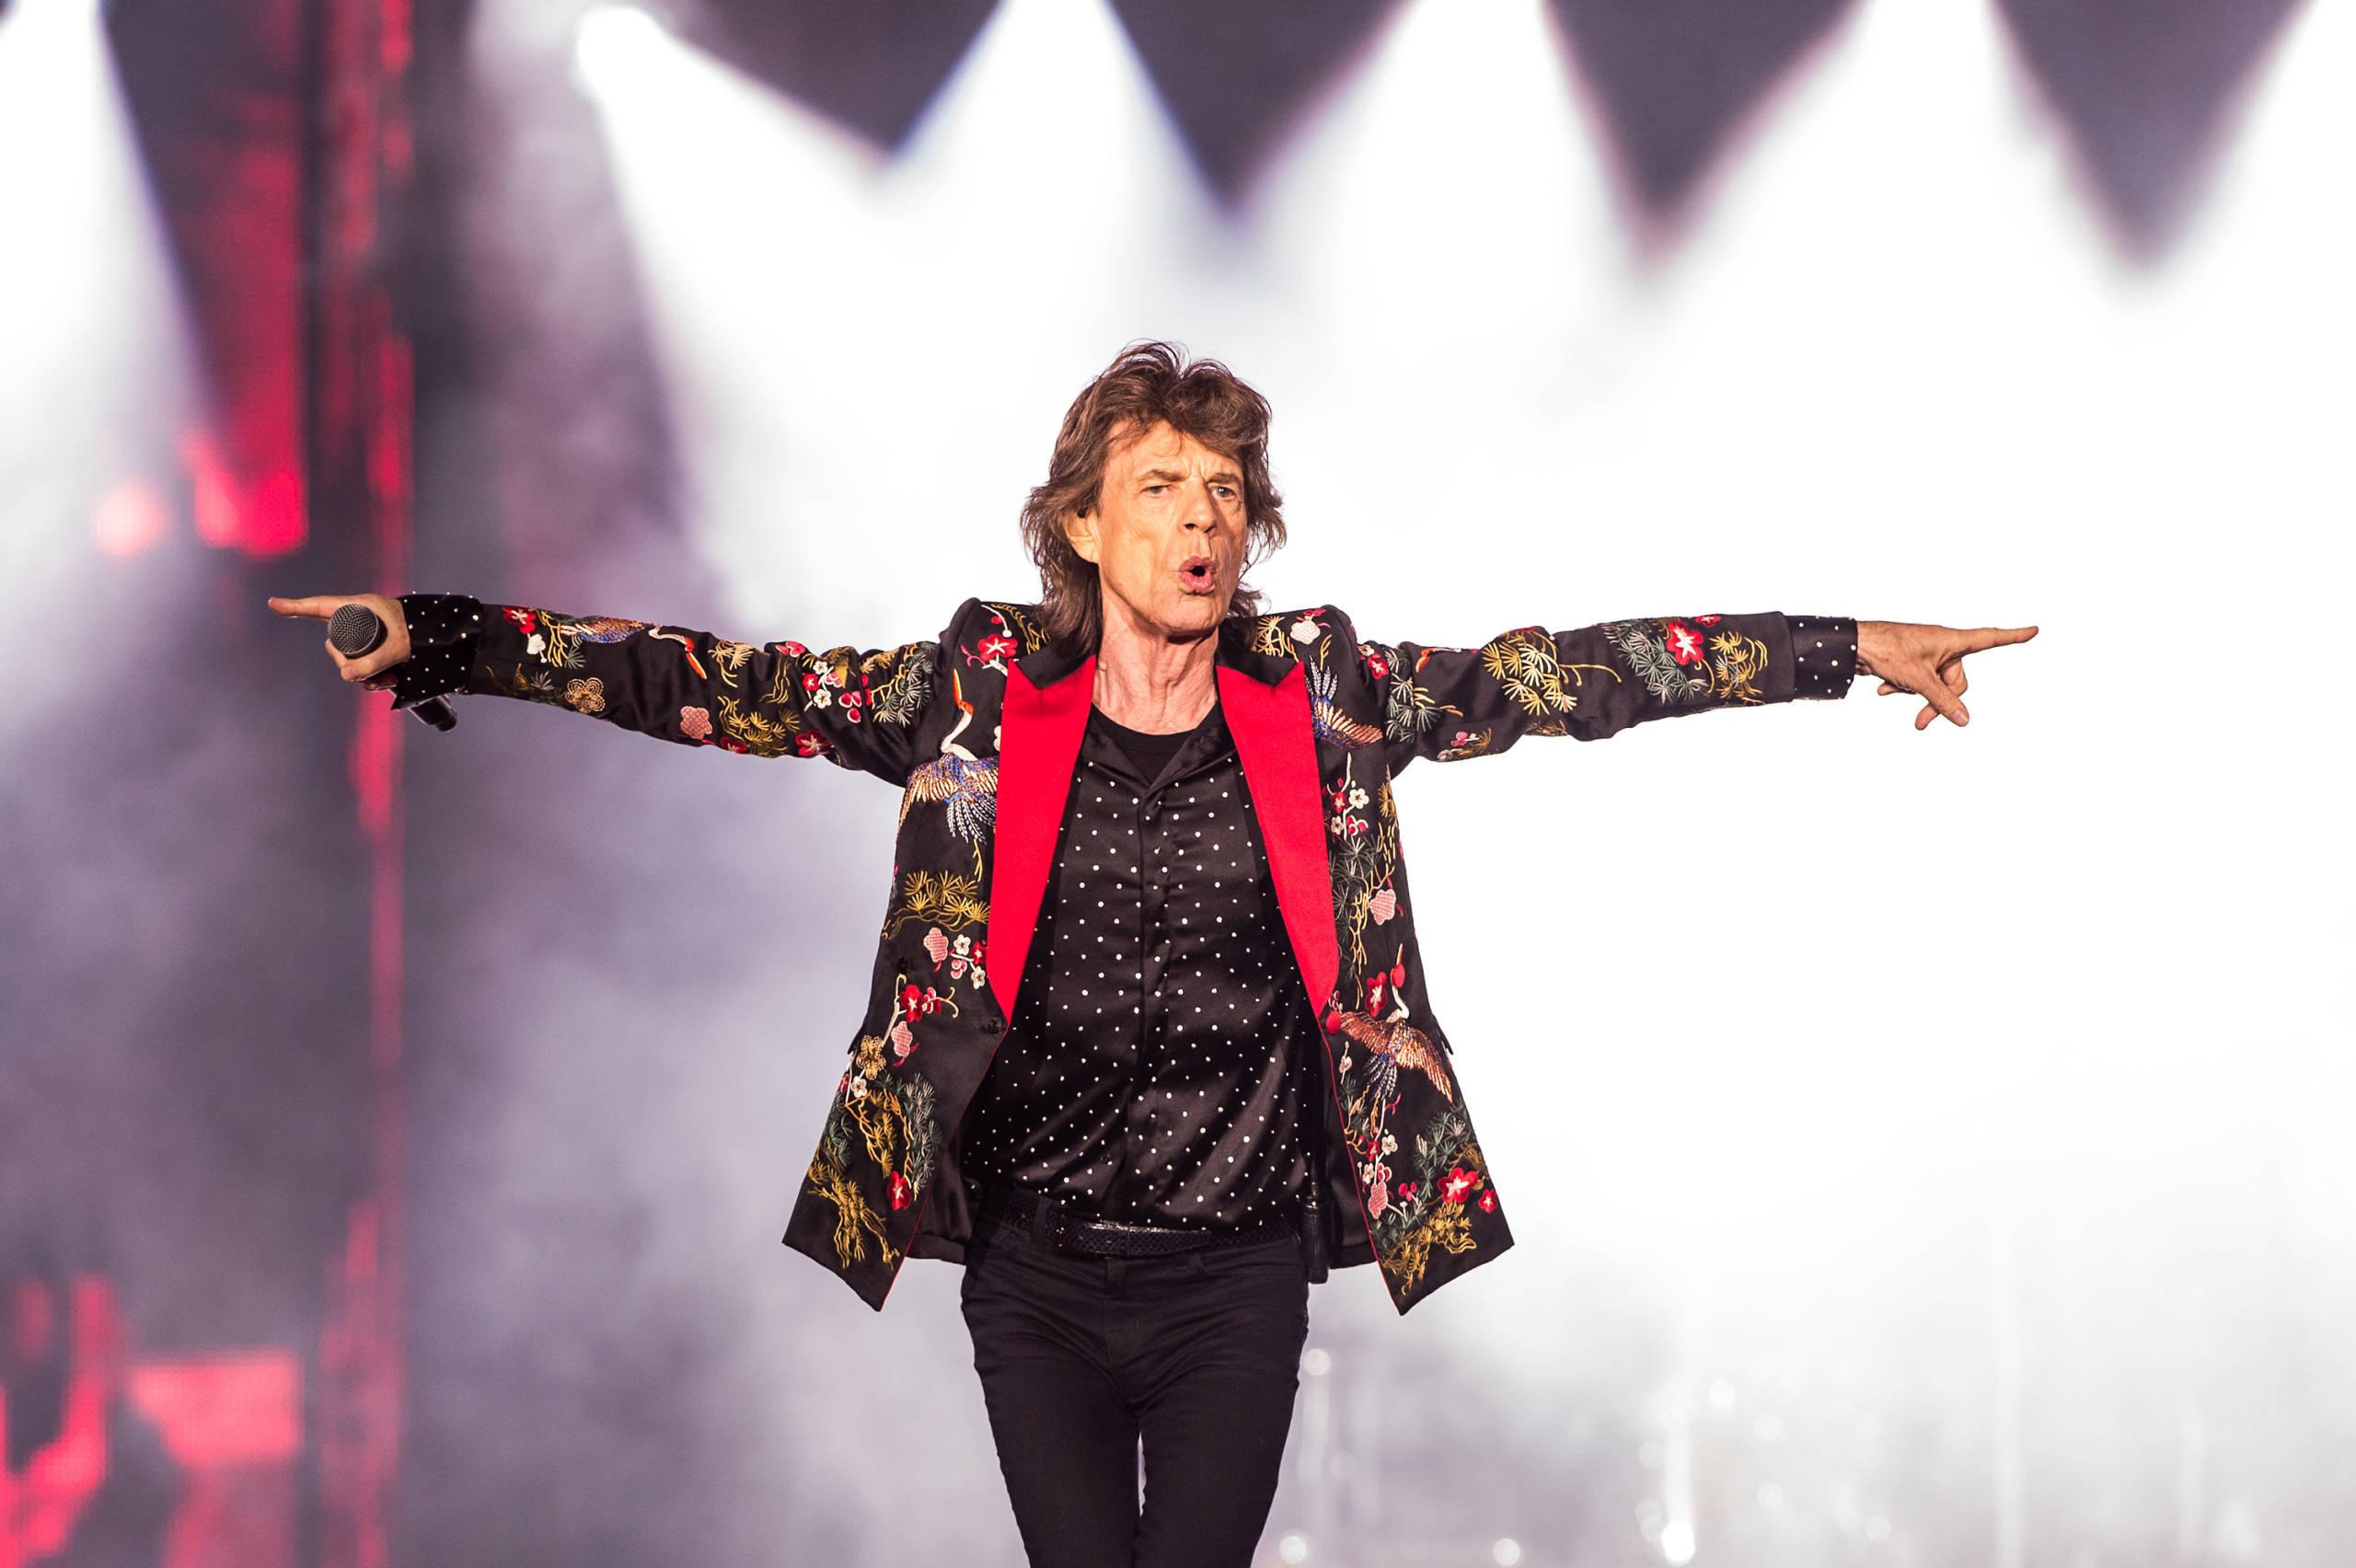 Mick-Jagger-ber-Impfgegner-Mit-diesen-Leuten-kann-man-nicht-diskutieren-